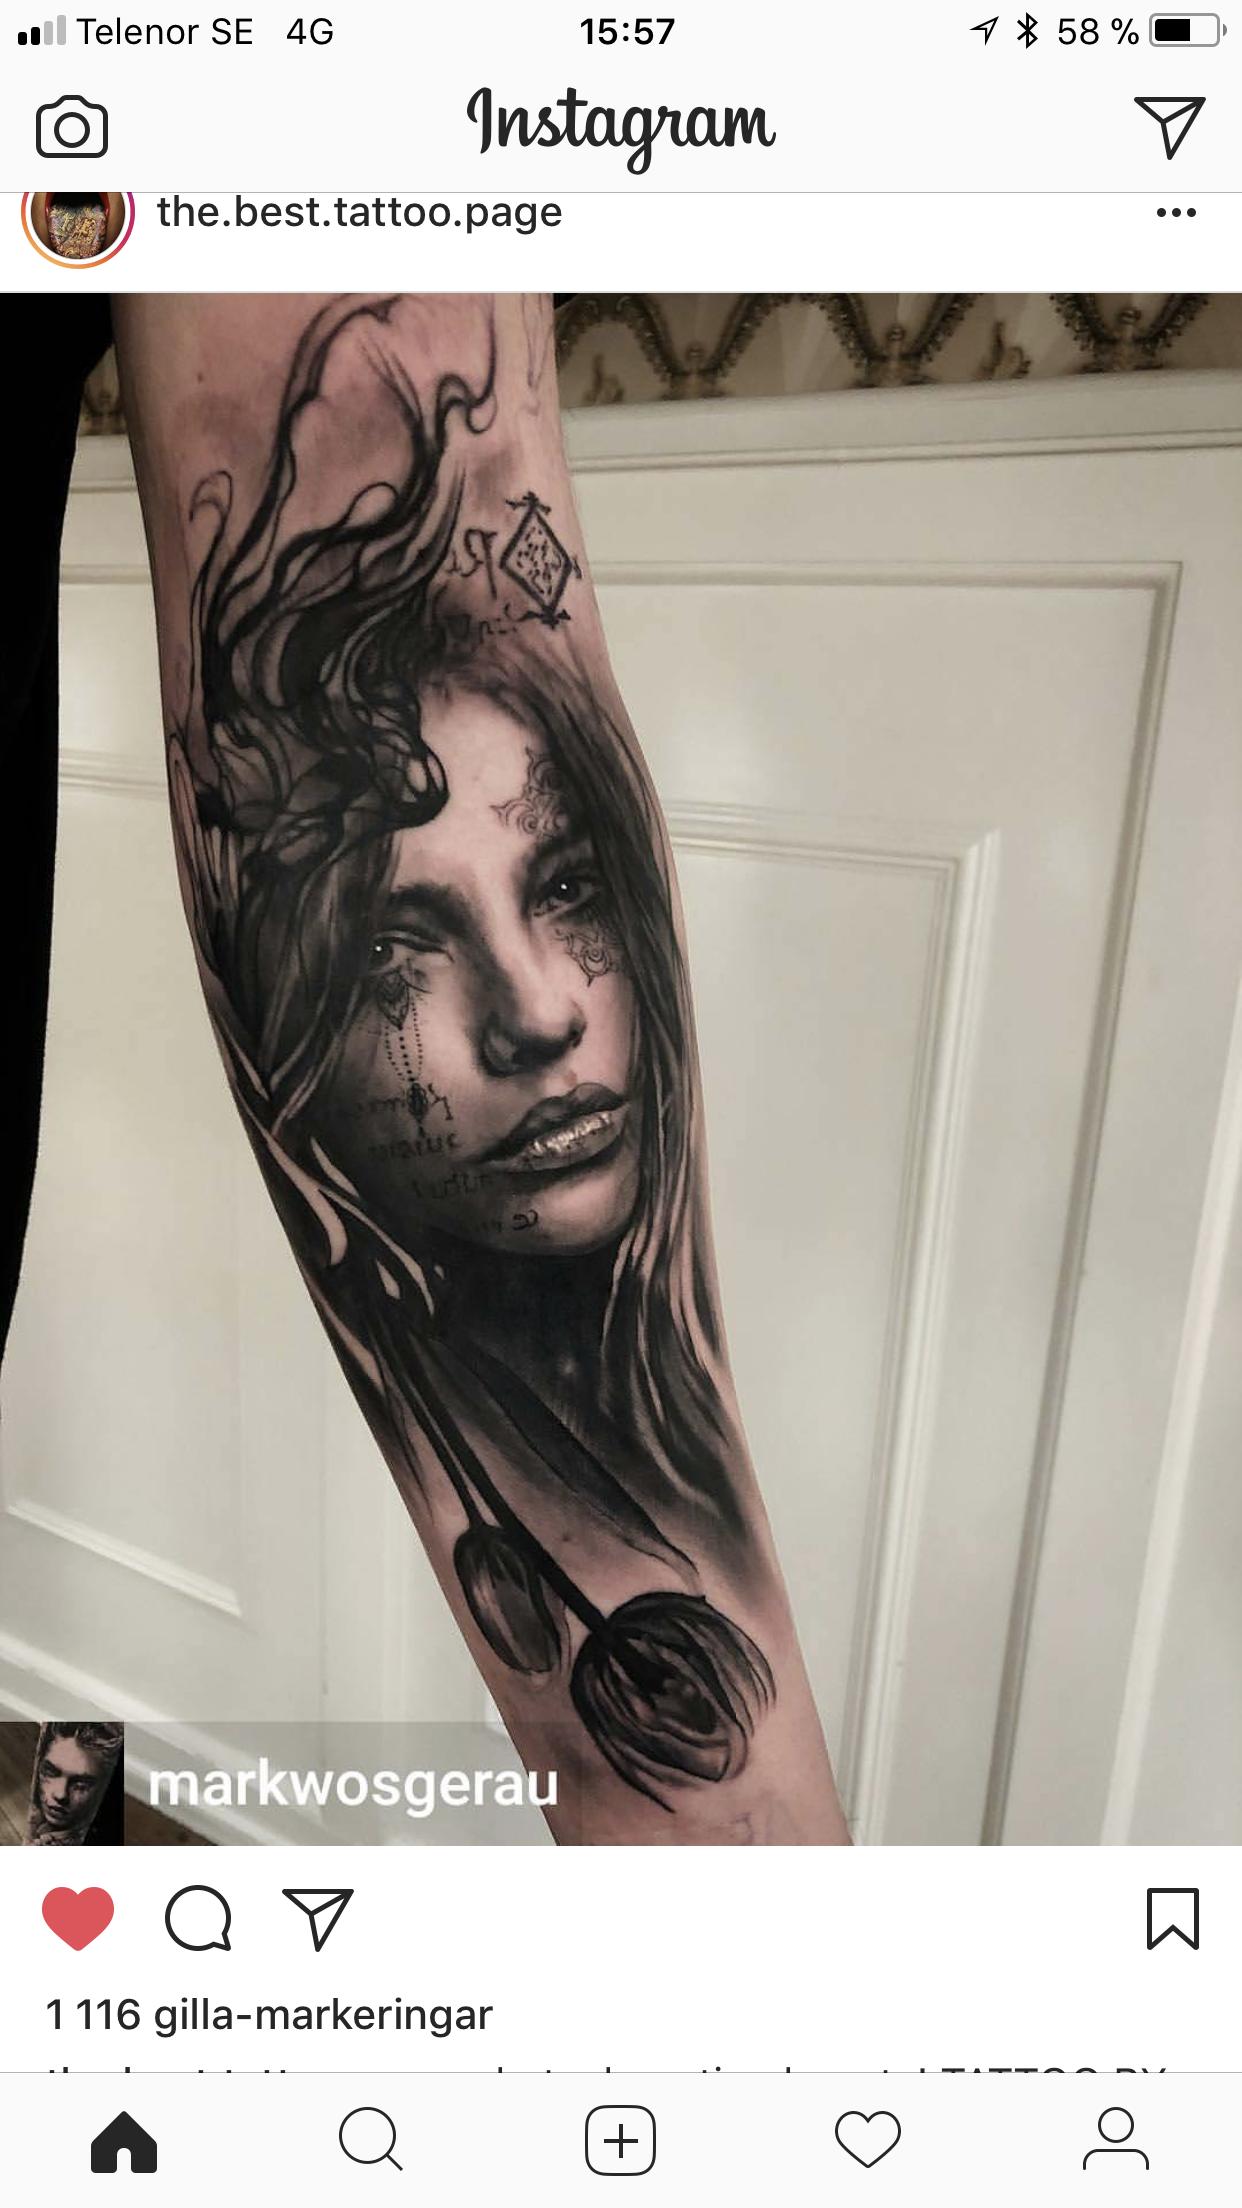 Pin by VITALIK KASICHKA on privat  Pinterest  Tattoo Tatoo and